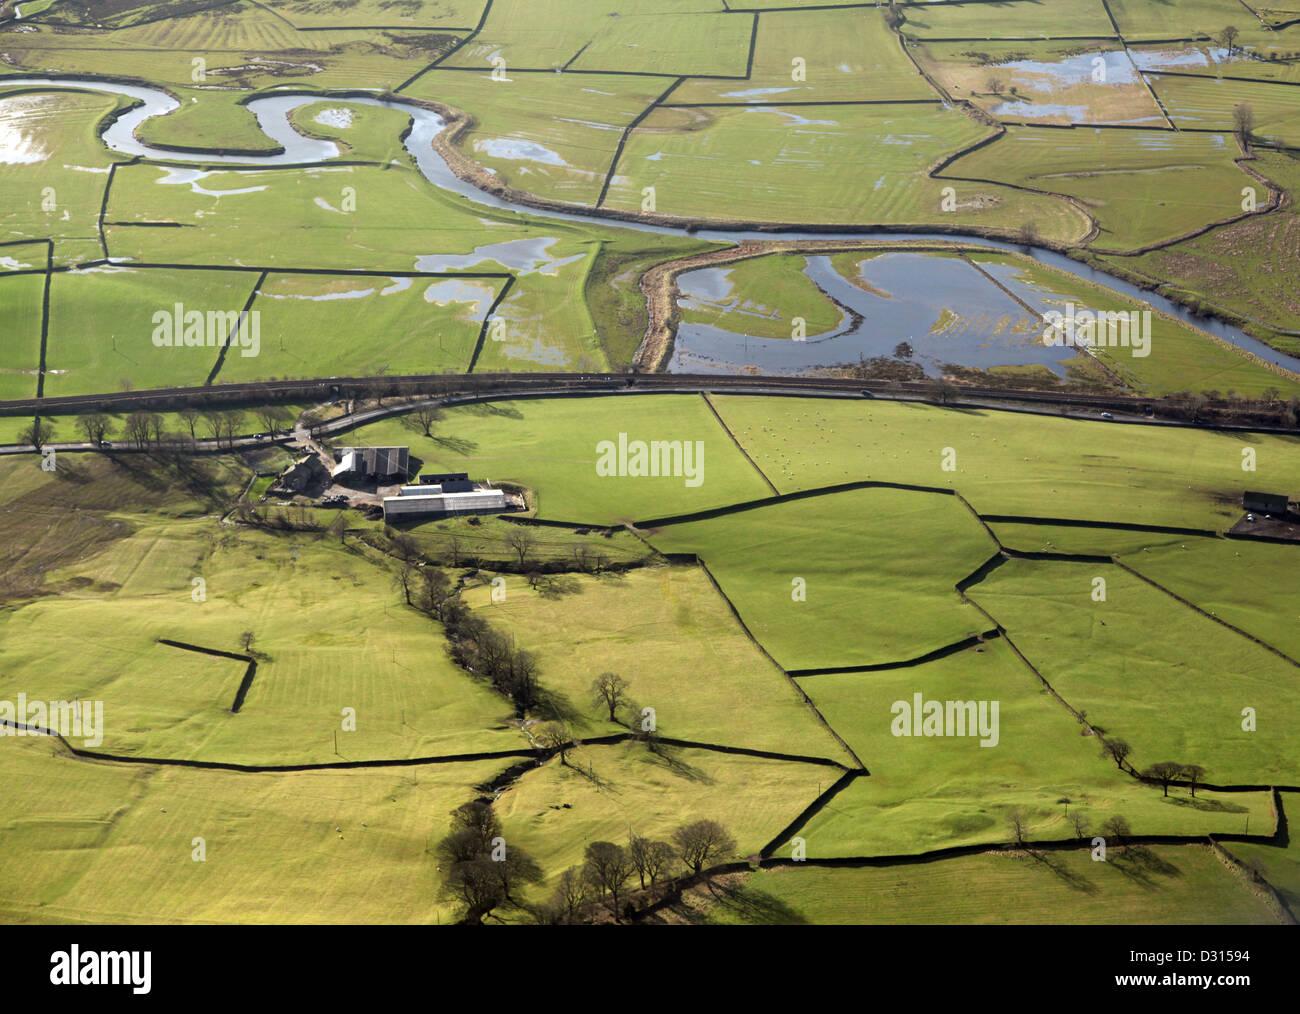 Vue aérienne de murs en pierre sèche et typique de la campagne anglaise Photo Stock